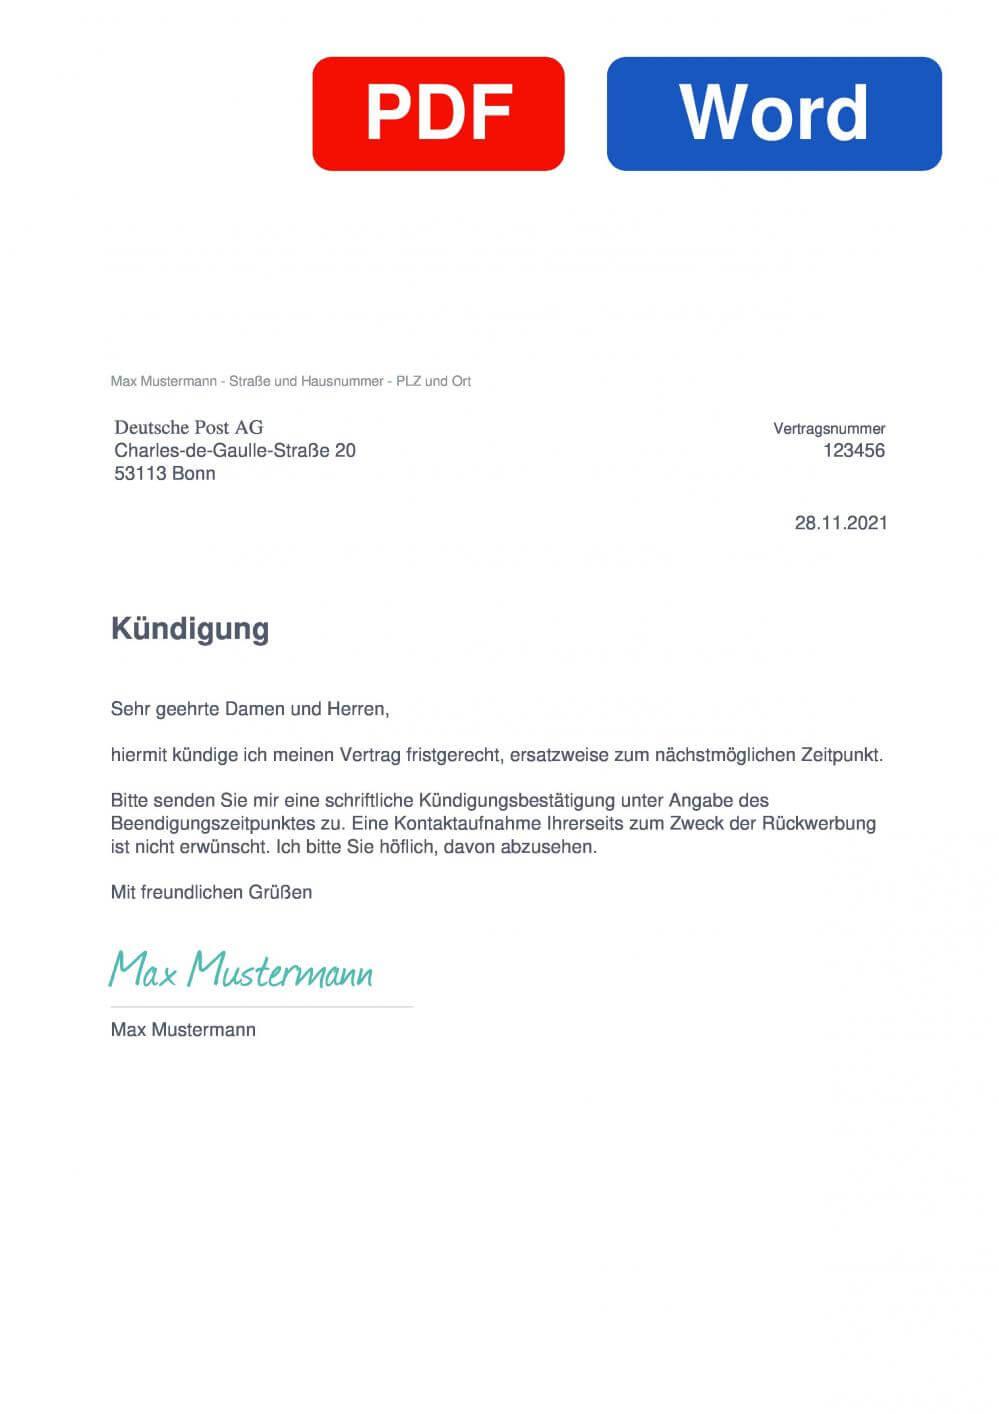 Deutsche Post Postfach Muster Vorlage für Kündigungsschreiben